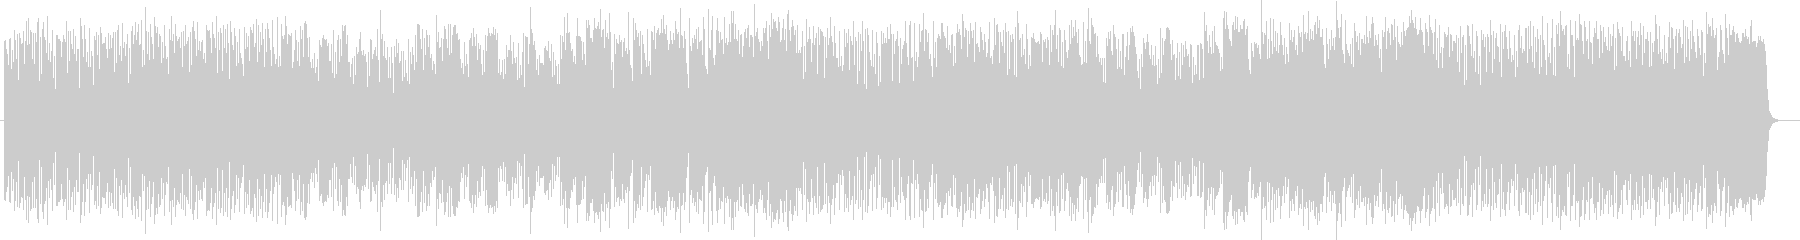 楽しく明るいシンセサイザーサウンドの未再生の波形